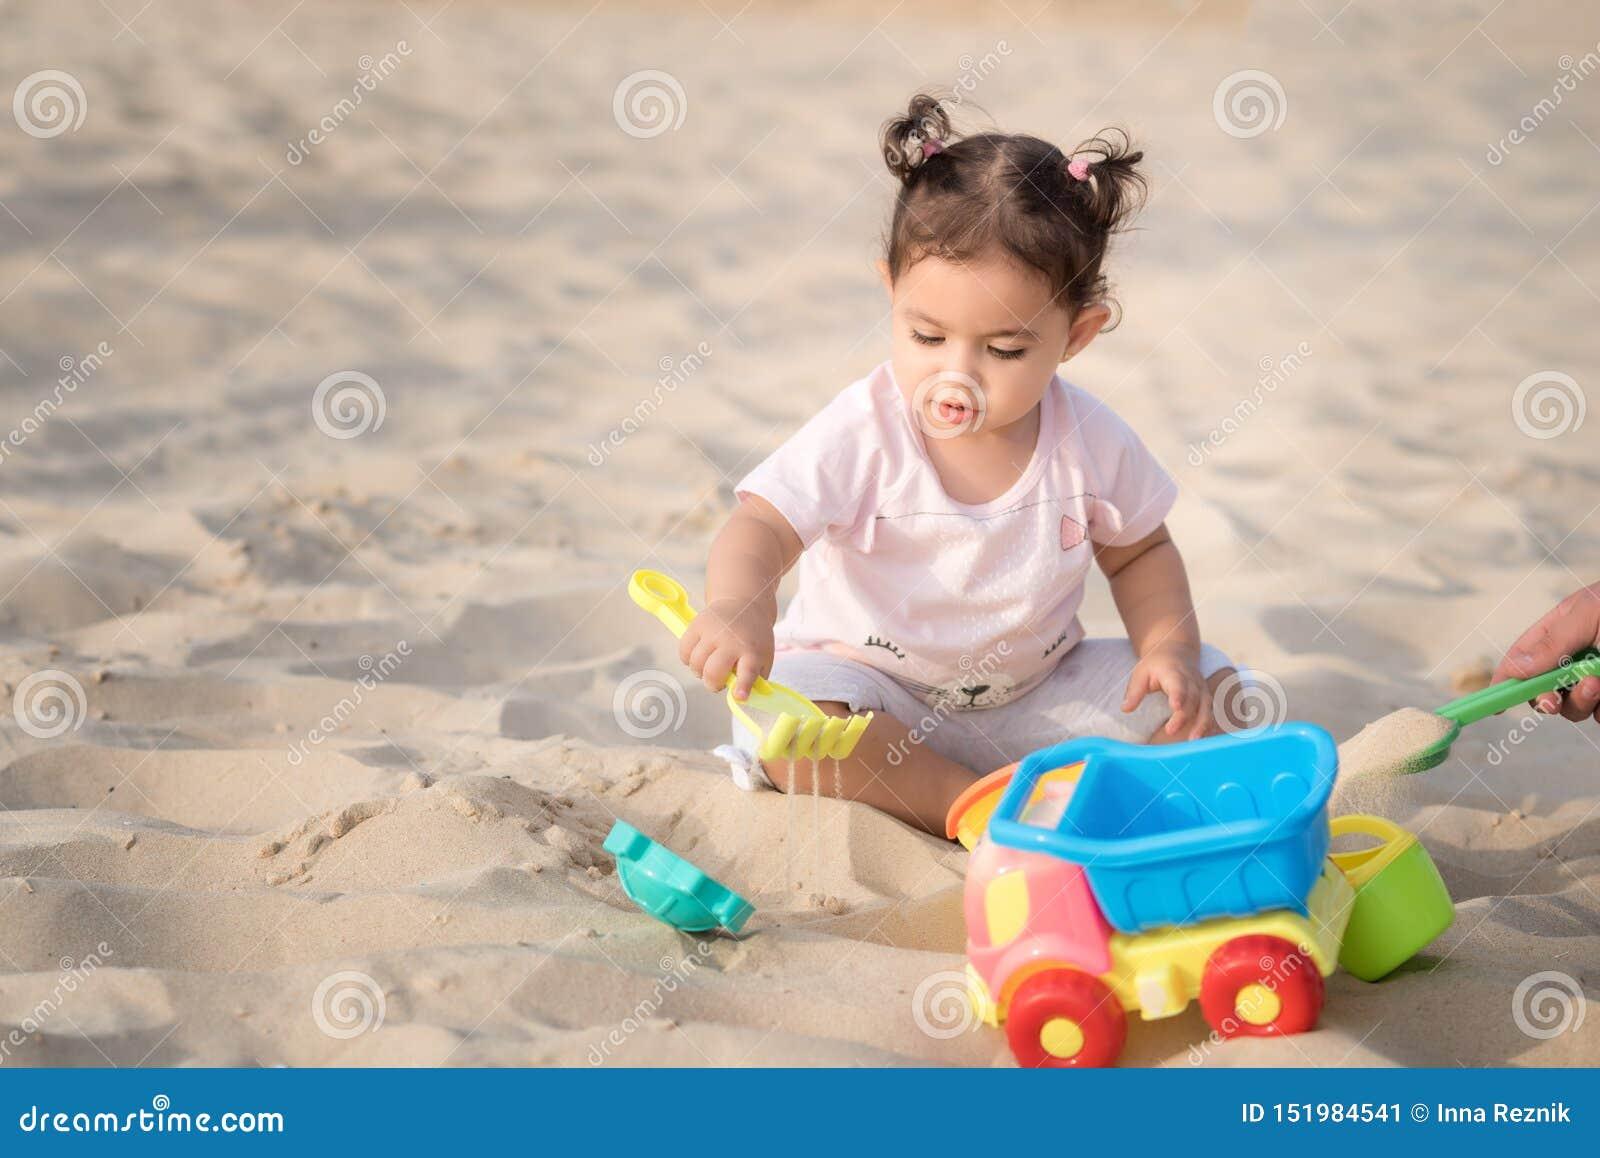 Het mooie zoete Babymeisje spelen op het zandige de zomerstrand dichtbij het overzees Reis en vakantie met kinderen